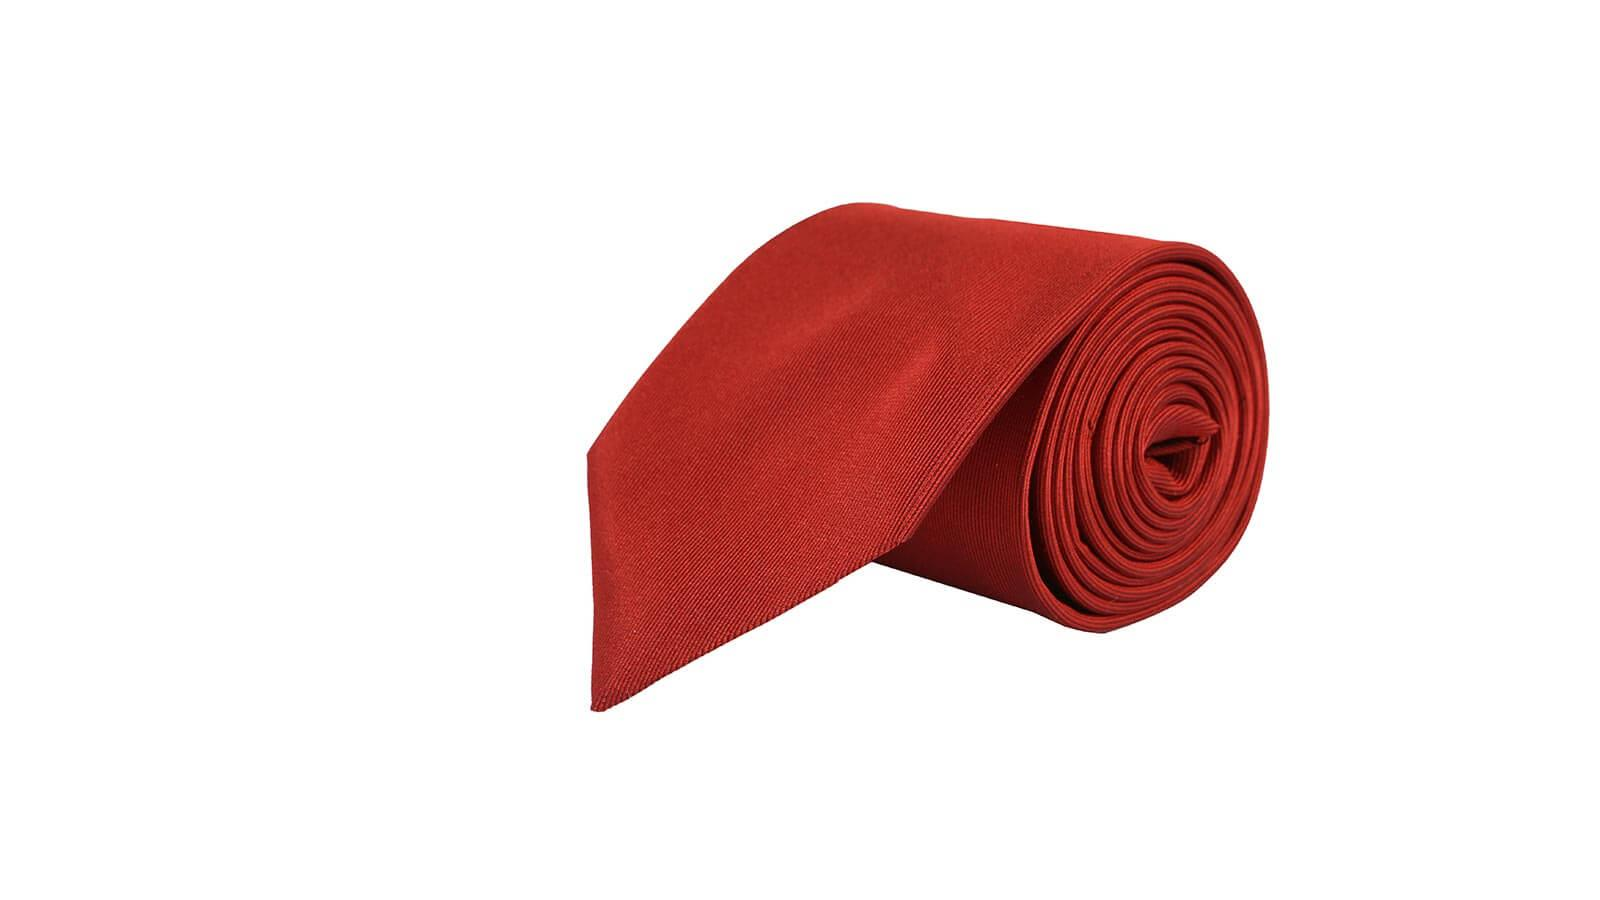 Solid Copper Silk Tie - slider image